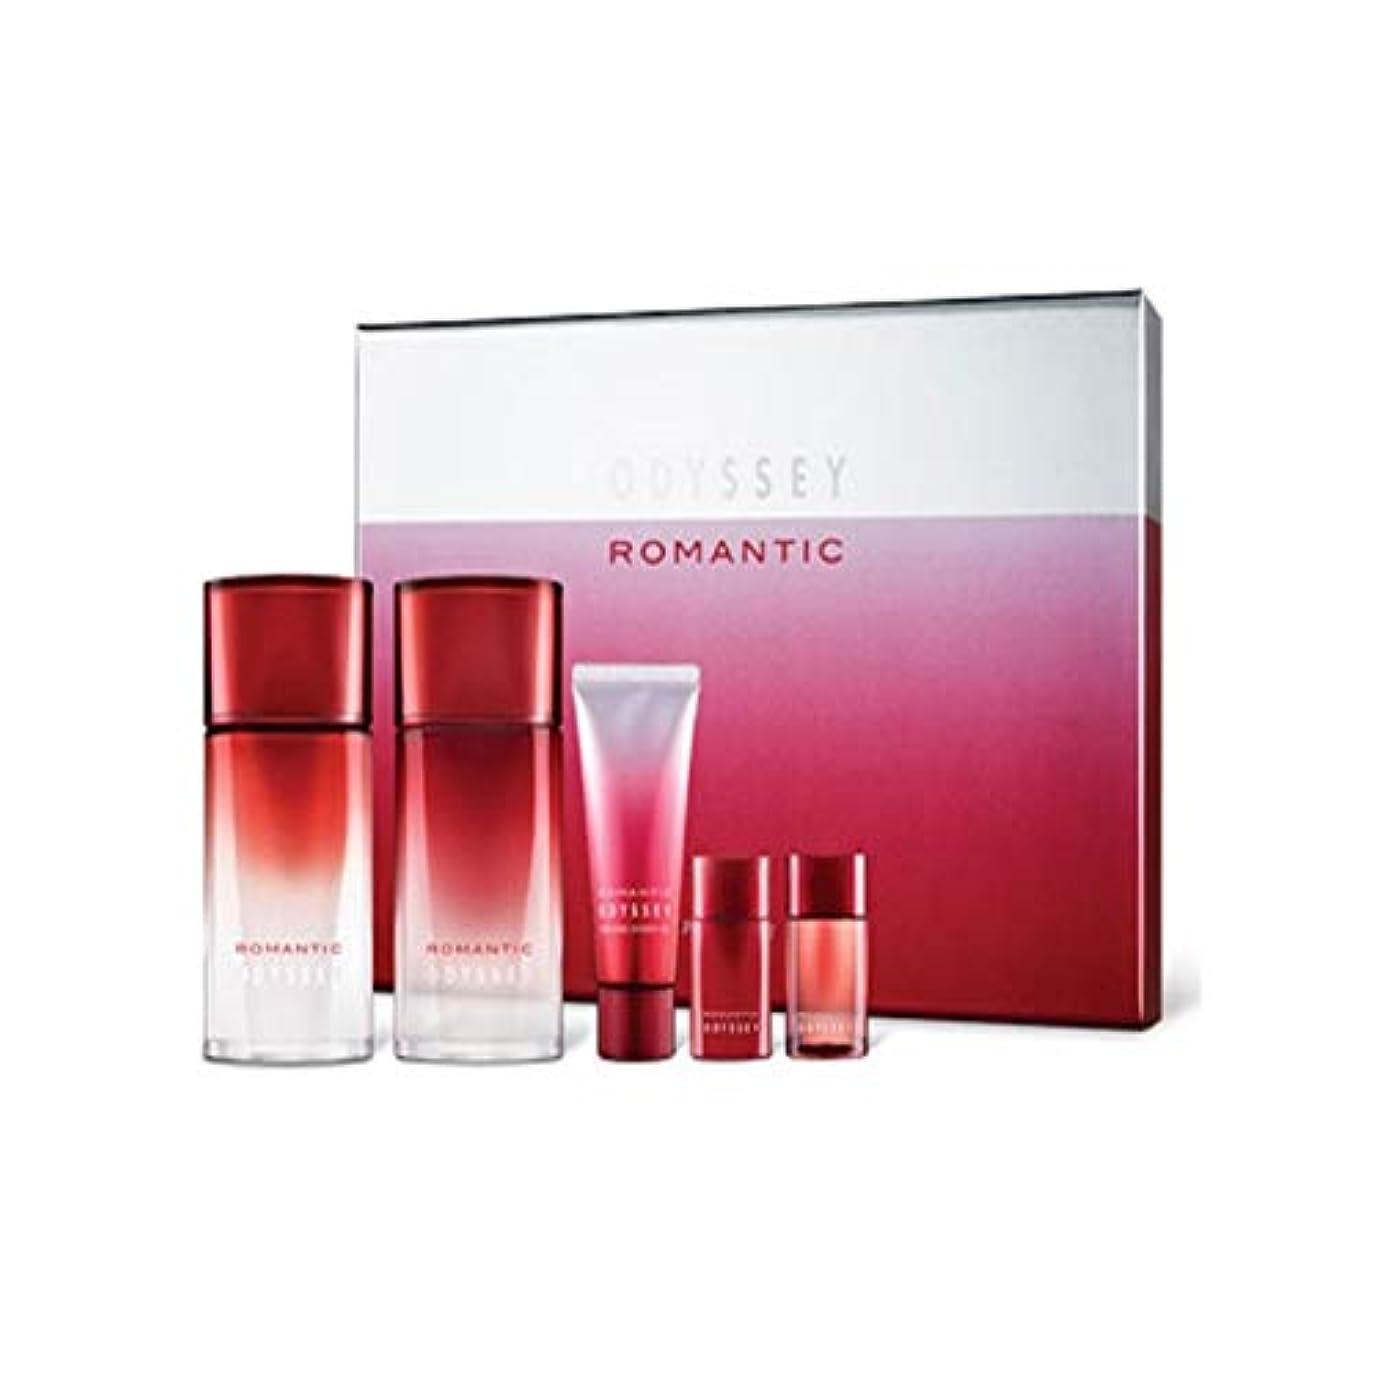 再びこれら第五オデッセイロマンチックスキンリファイナーローションセットメンズコスメ韓国コスメ、Odyssey Romantic Skin Refiner Lotion Set Men's Cosmetics Korean Cosmetics [並行輸入品]